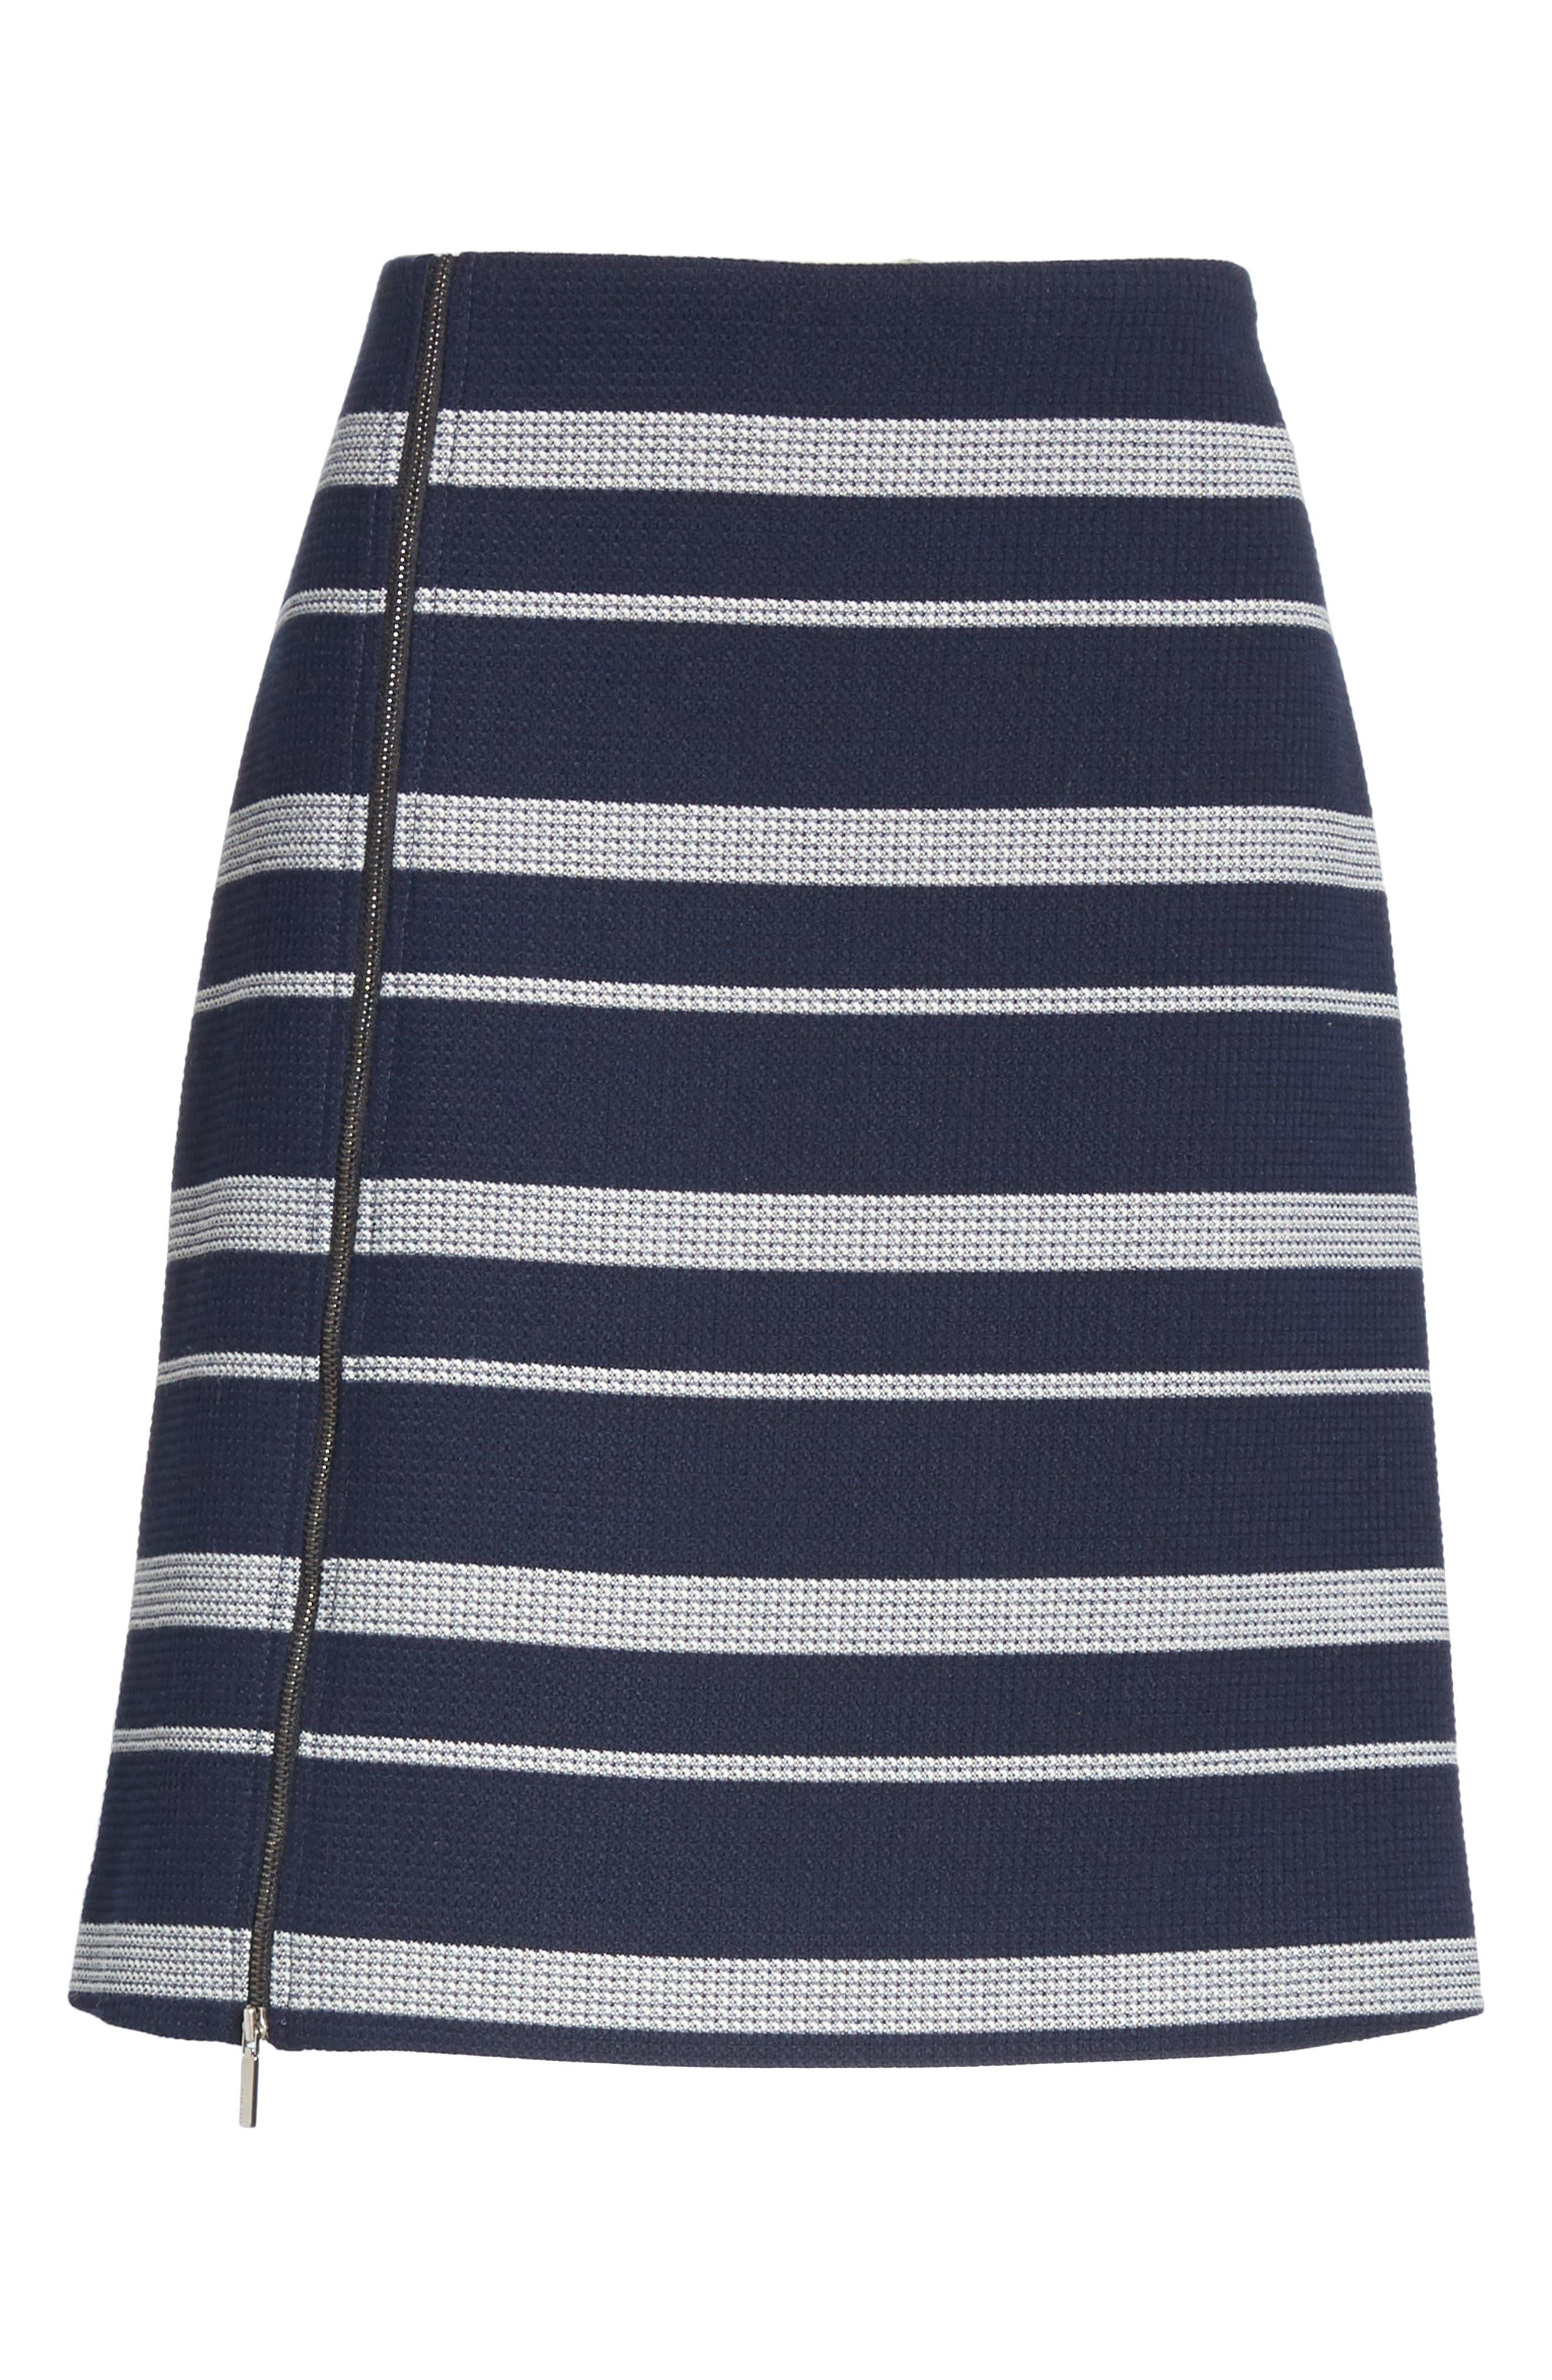 Stripe Jacquard Skirt,                             Alternate thumbnail 6, color,                             NAVY FANTASY